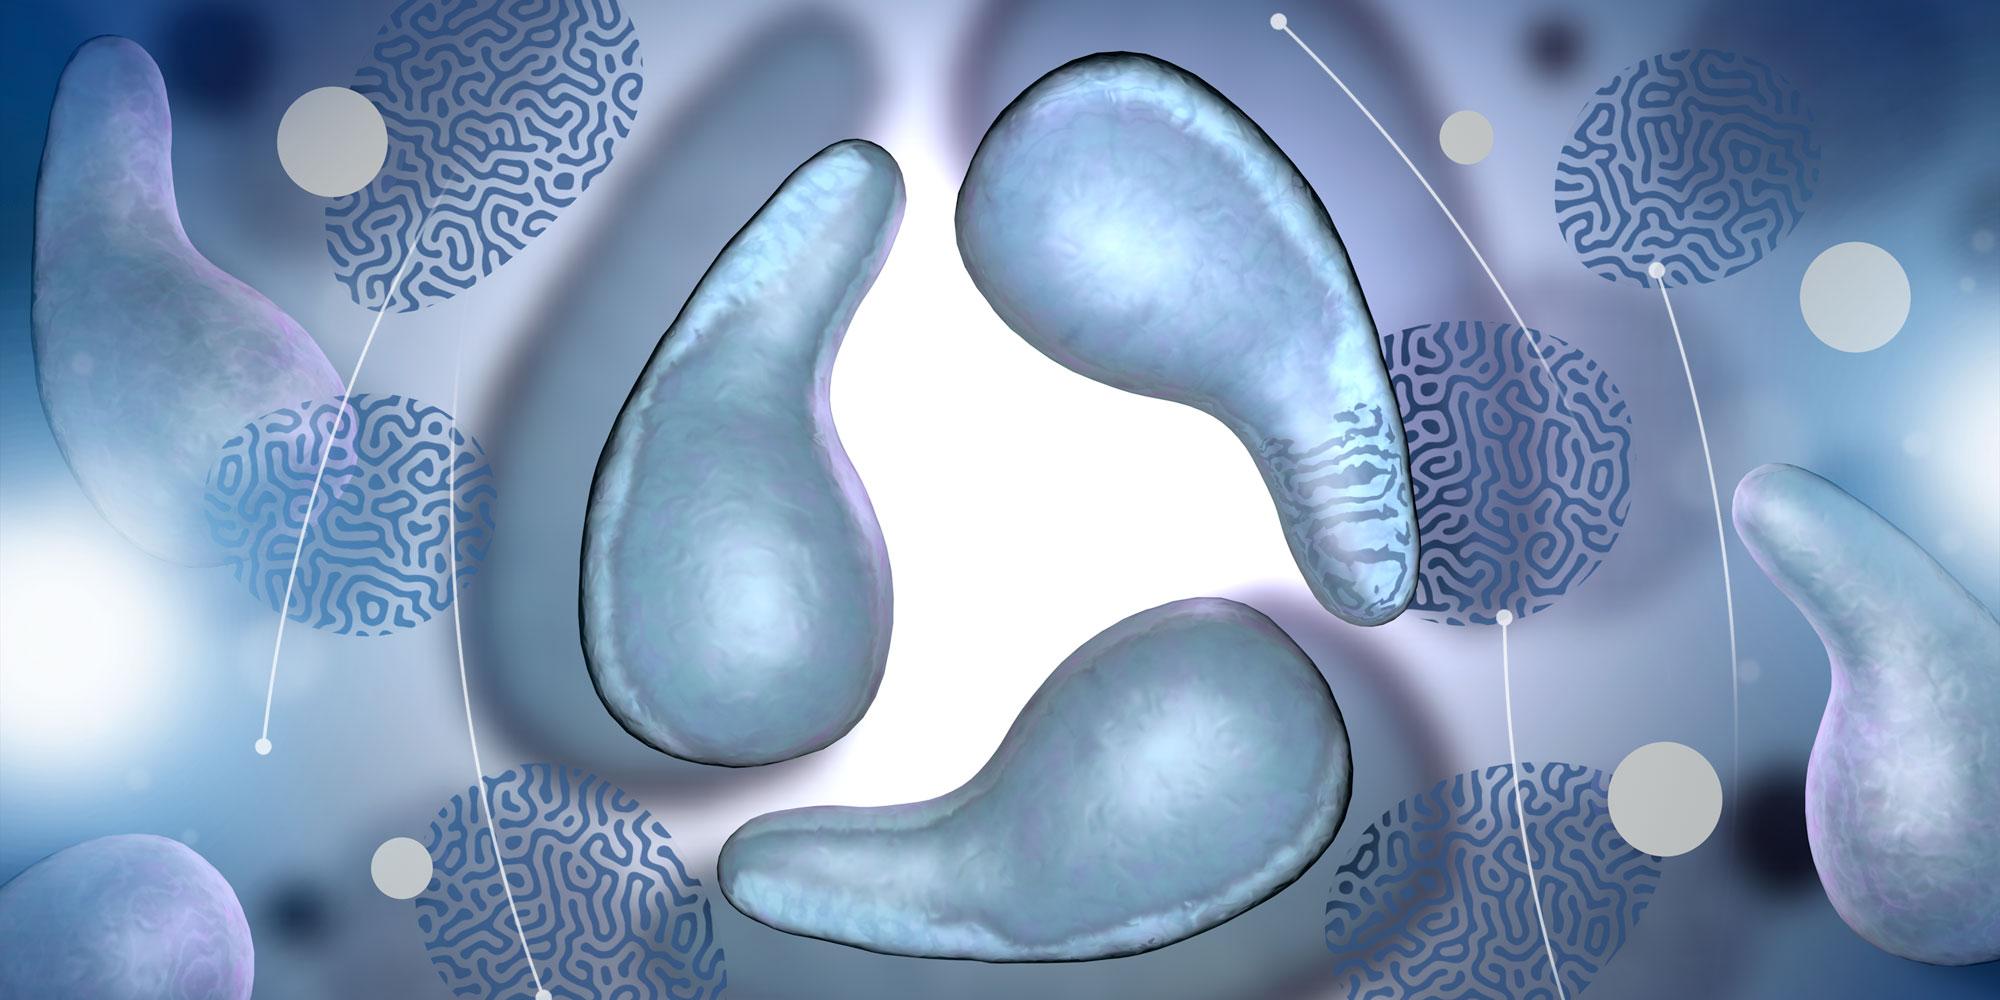 Μυκόπλασμα γεννητικών οργάνων